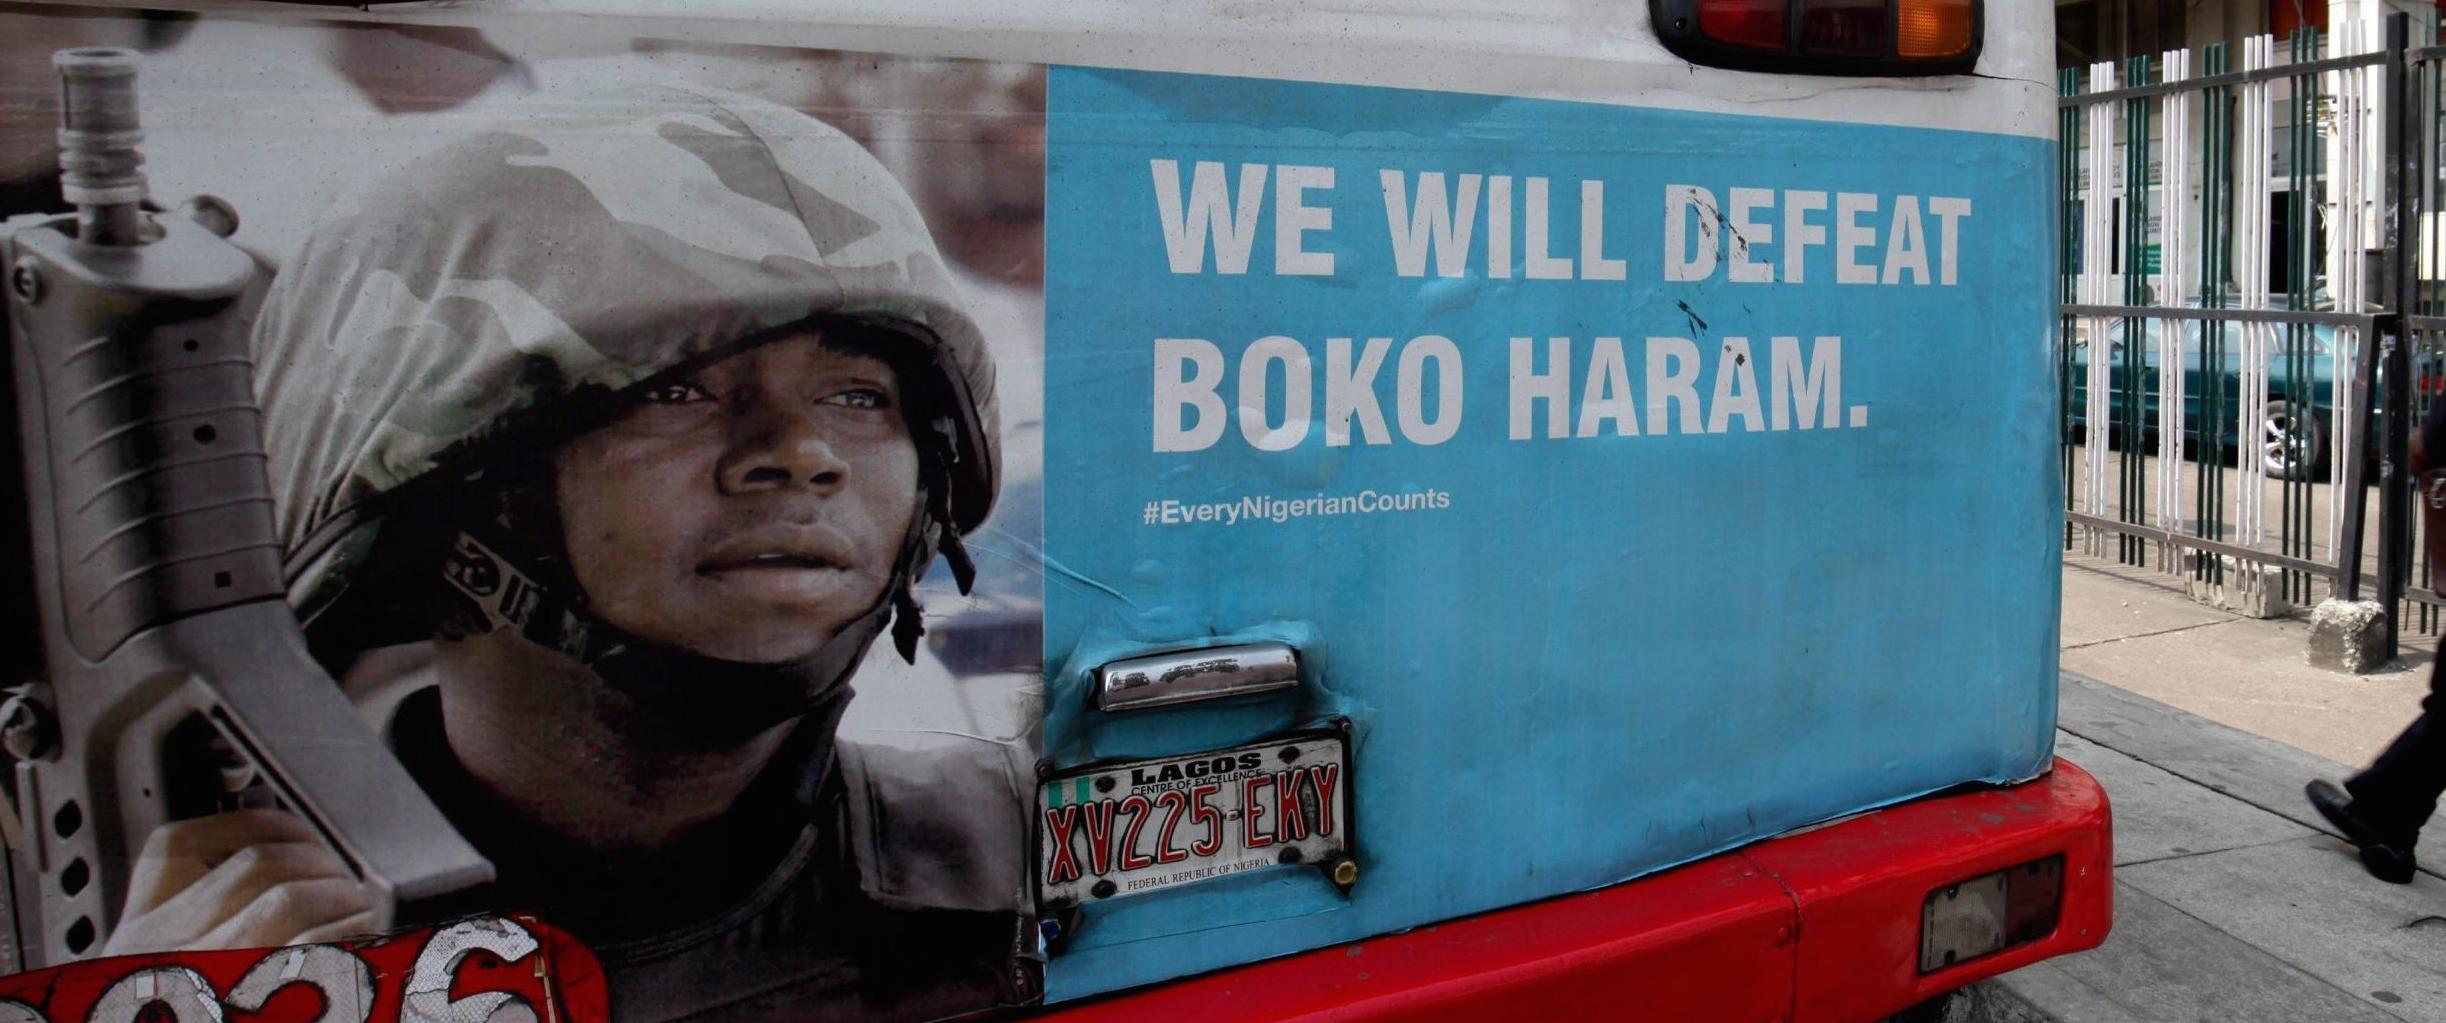 Una pubblicità anti-Boko Haram in Nigeria